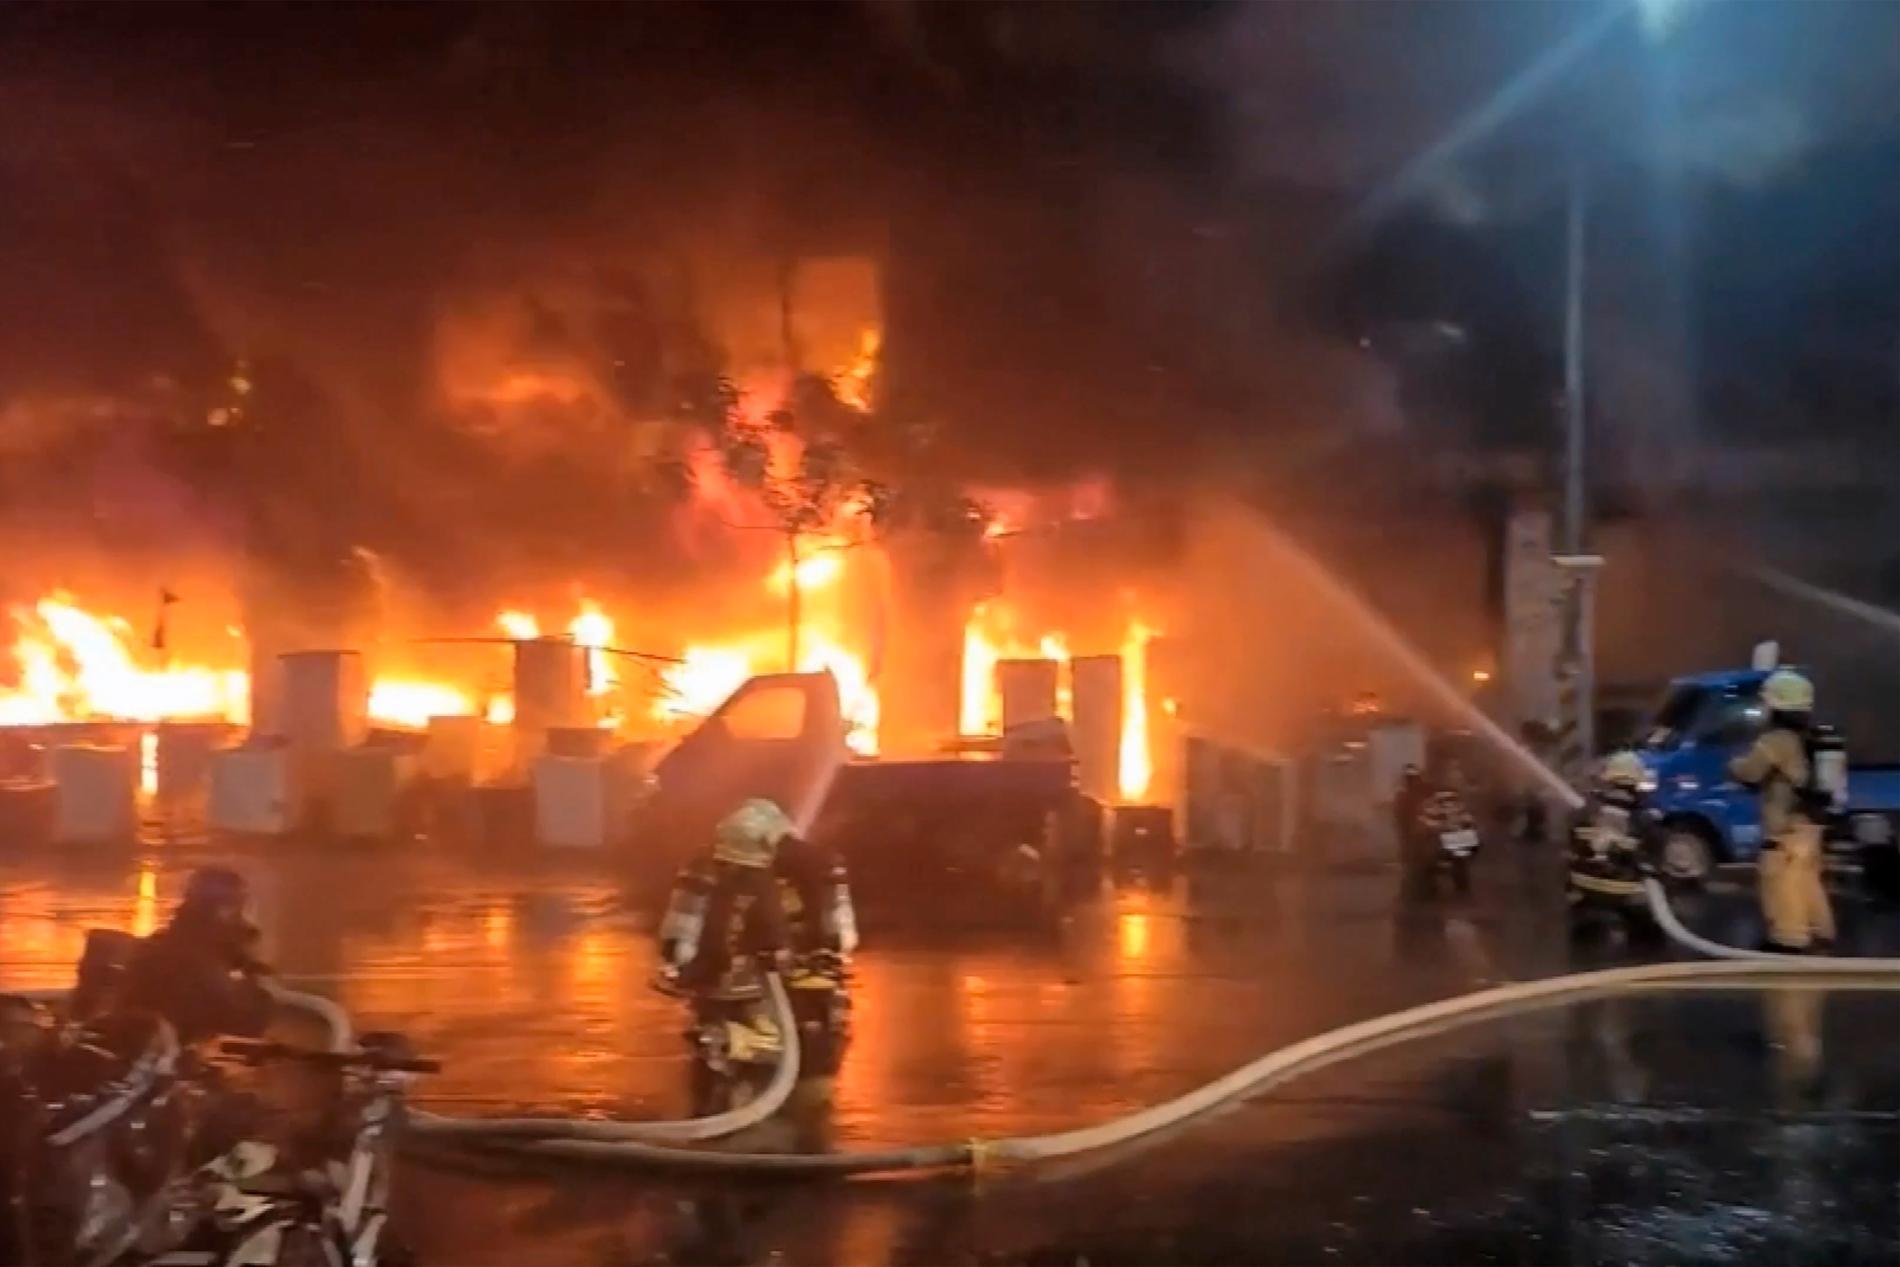 13-våningsbyggnaden började brinna under natten mot tisdagen lokal tid i Kaohsiung i södra Taiwan.